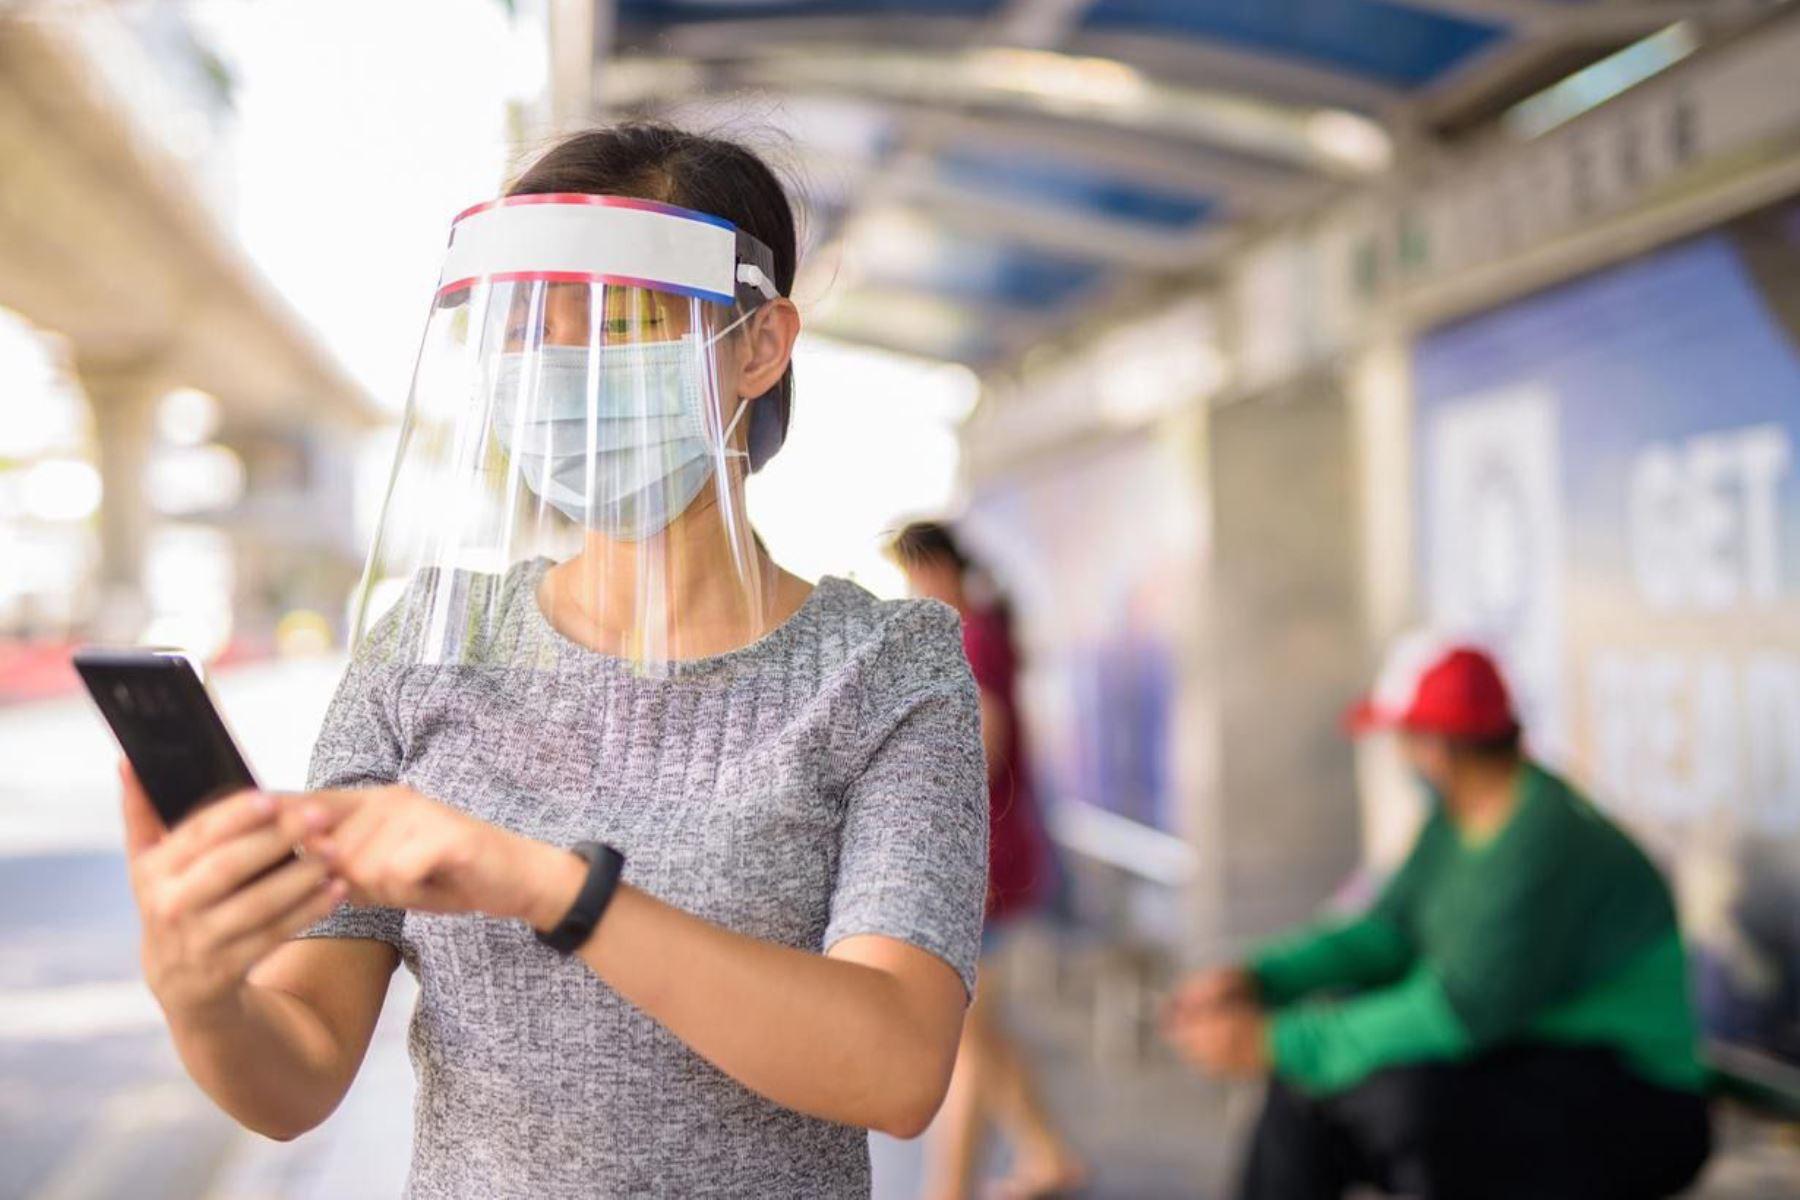 Los requisitos de calidad que deben cumplir los escudos de protección facial están contenidos en la especificación disponible peruana 101:2020. Foto: ANDINA/Inacal